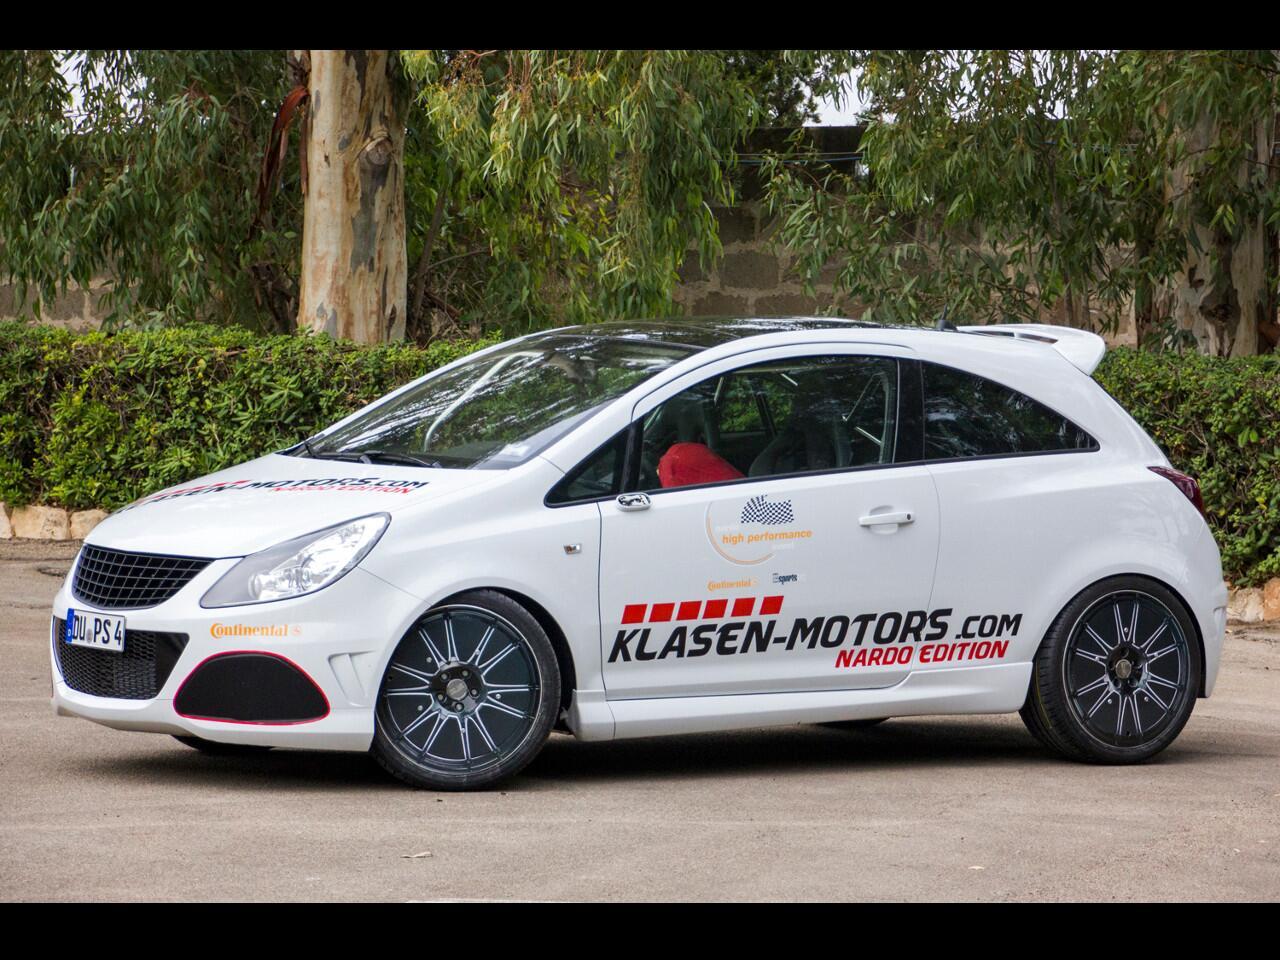 Bild zu Opel Corsa OPC Nardo Edition: So schnell war der kleine Opel noch nie!